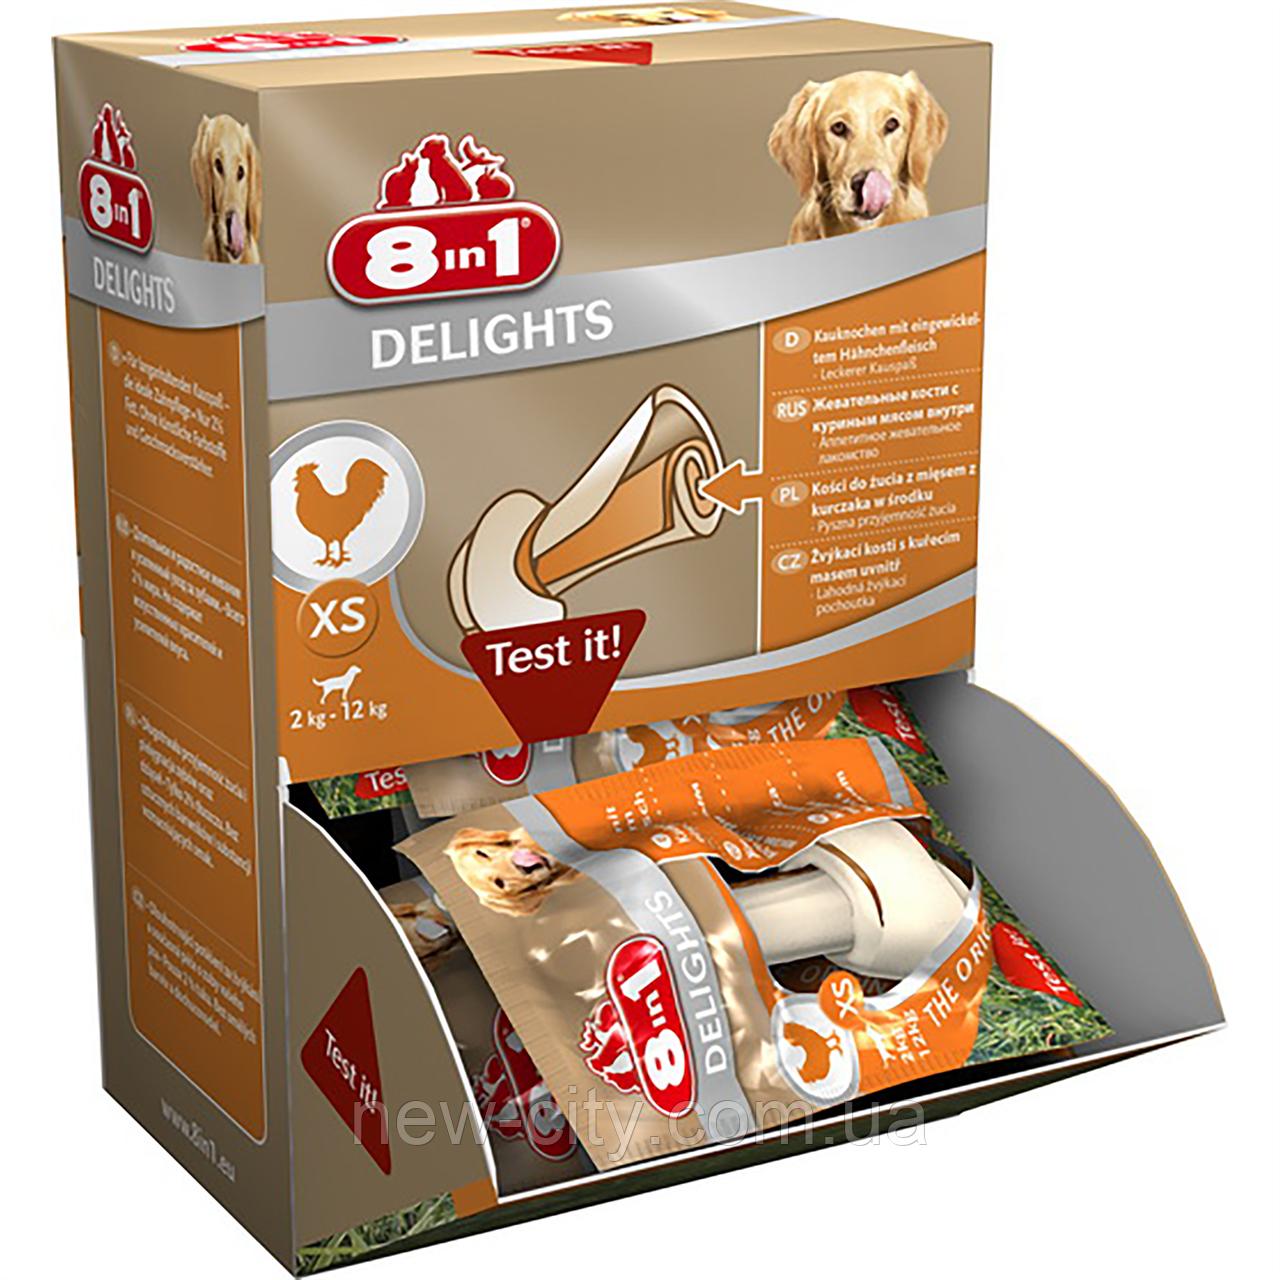 8in1 Delights  Лакомство для собак — кость с куриным мясом (30шт), ХS (7см)